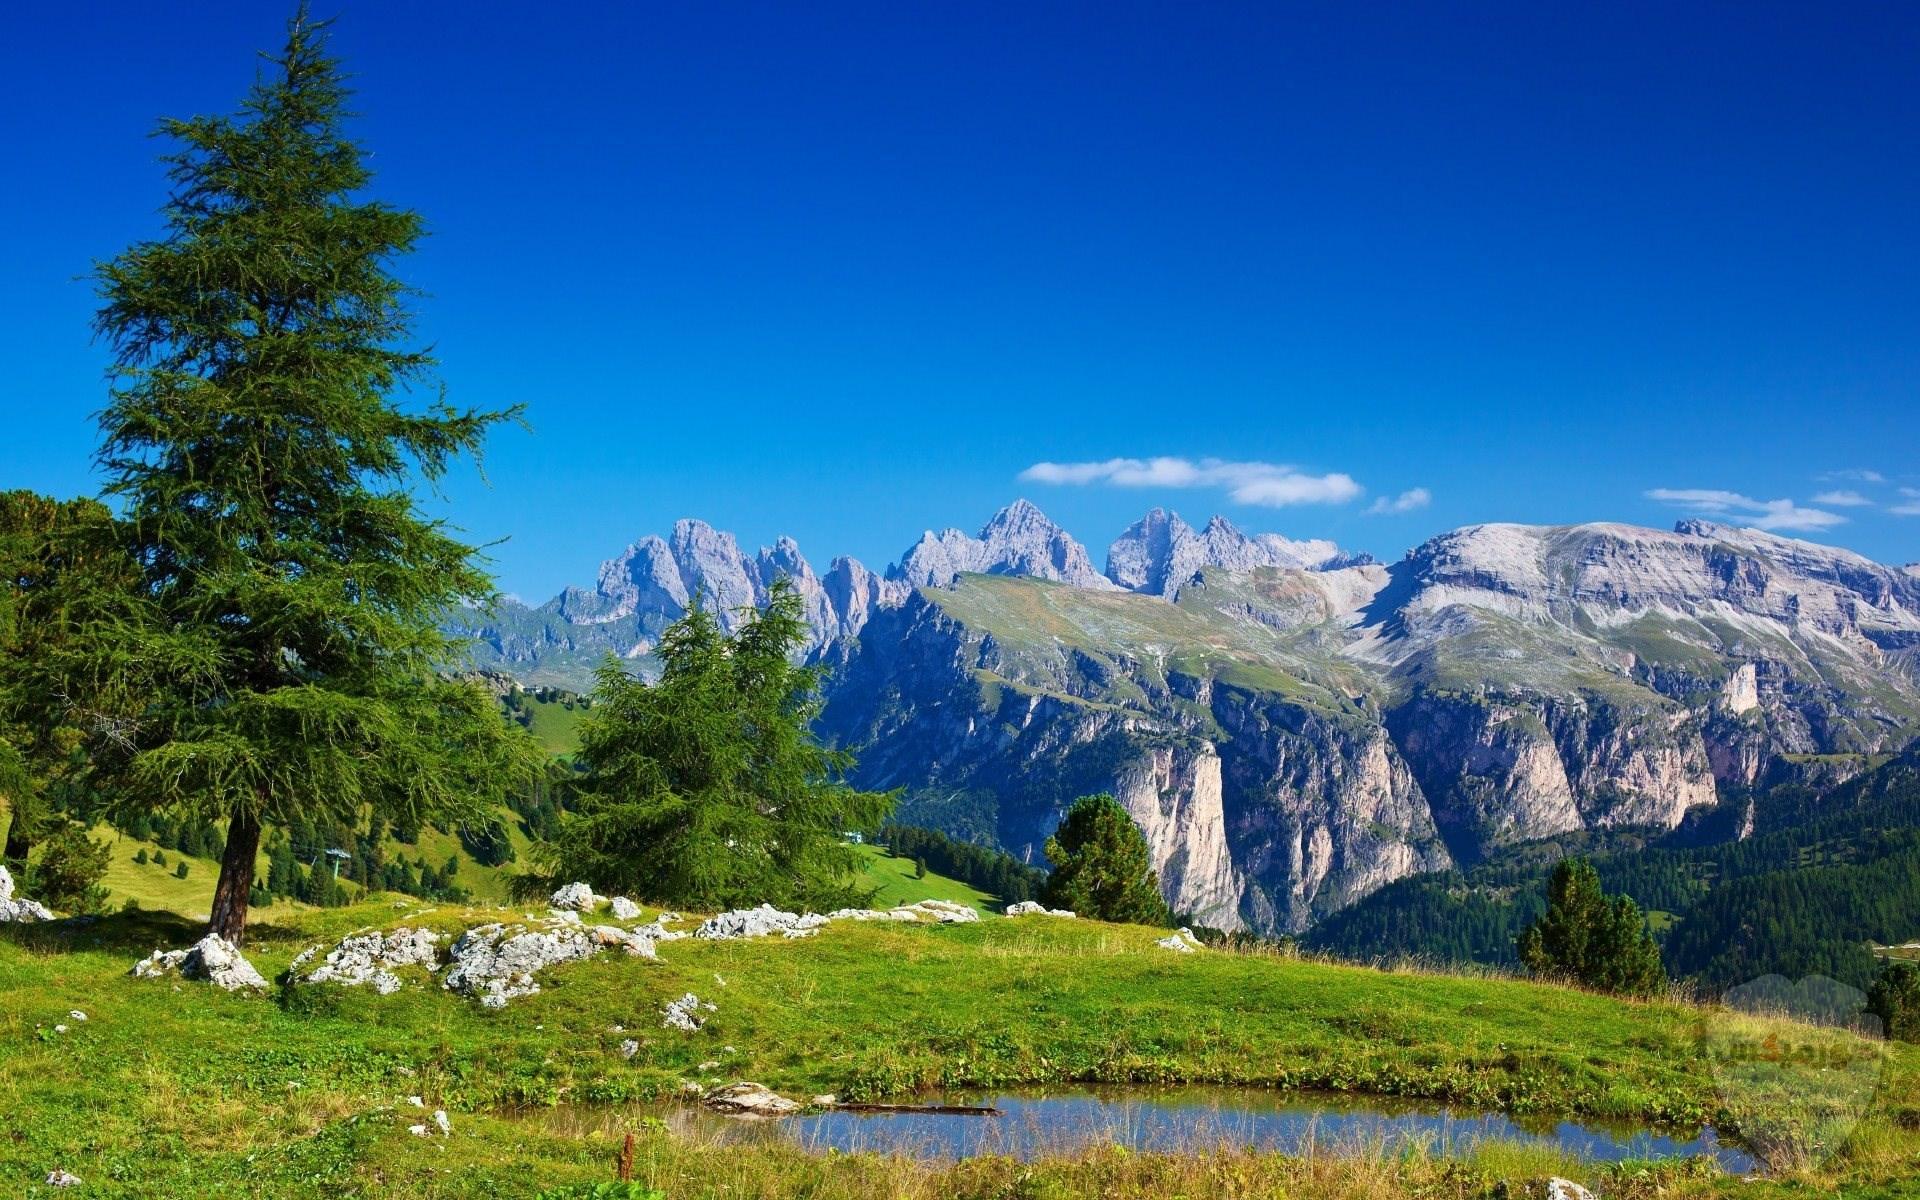 صور وخلفيات جبال وشلالات طبيعية HD خلفيات جبال خضراء وثلجية 17